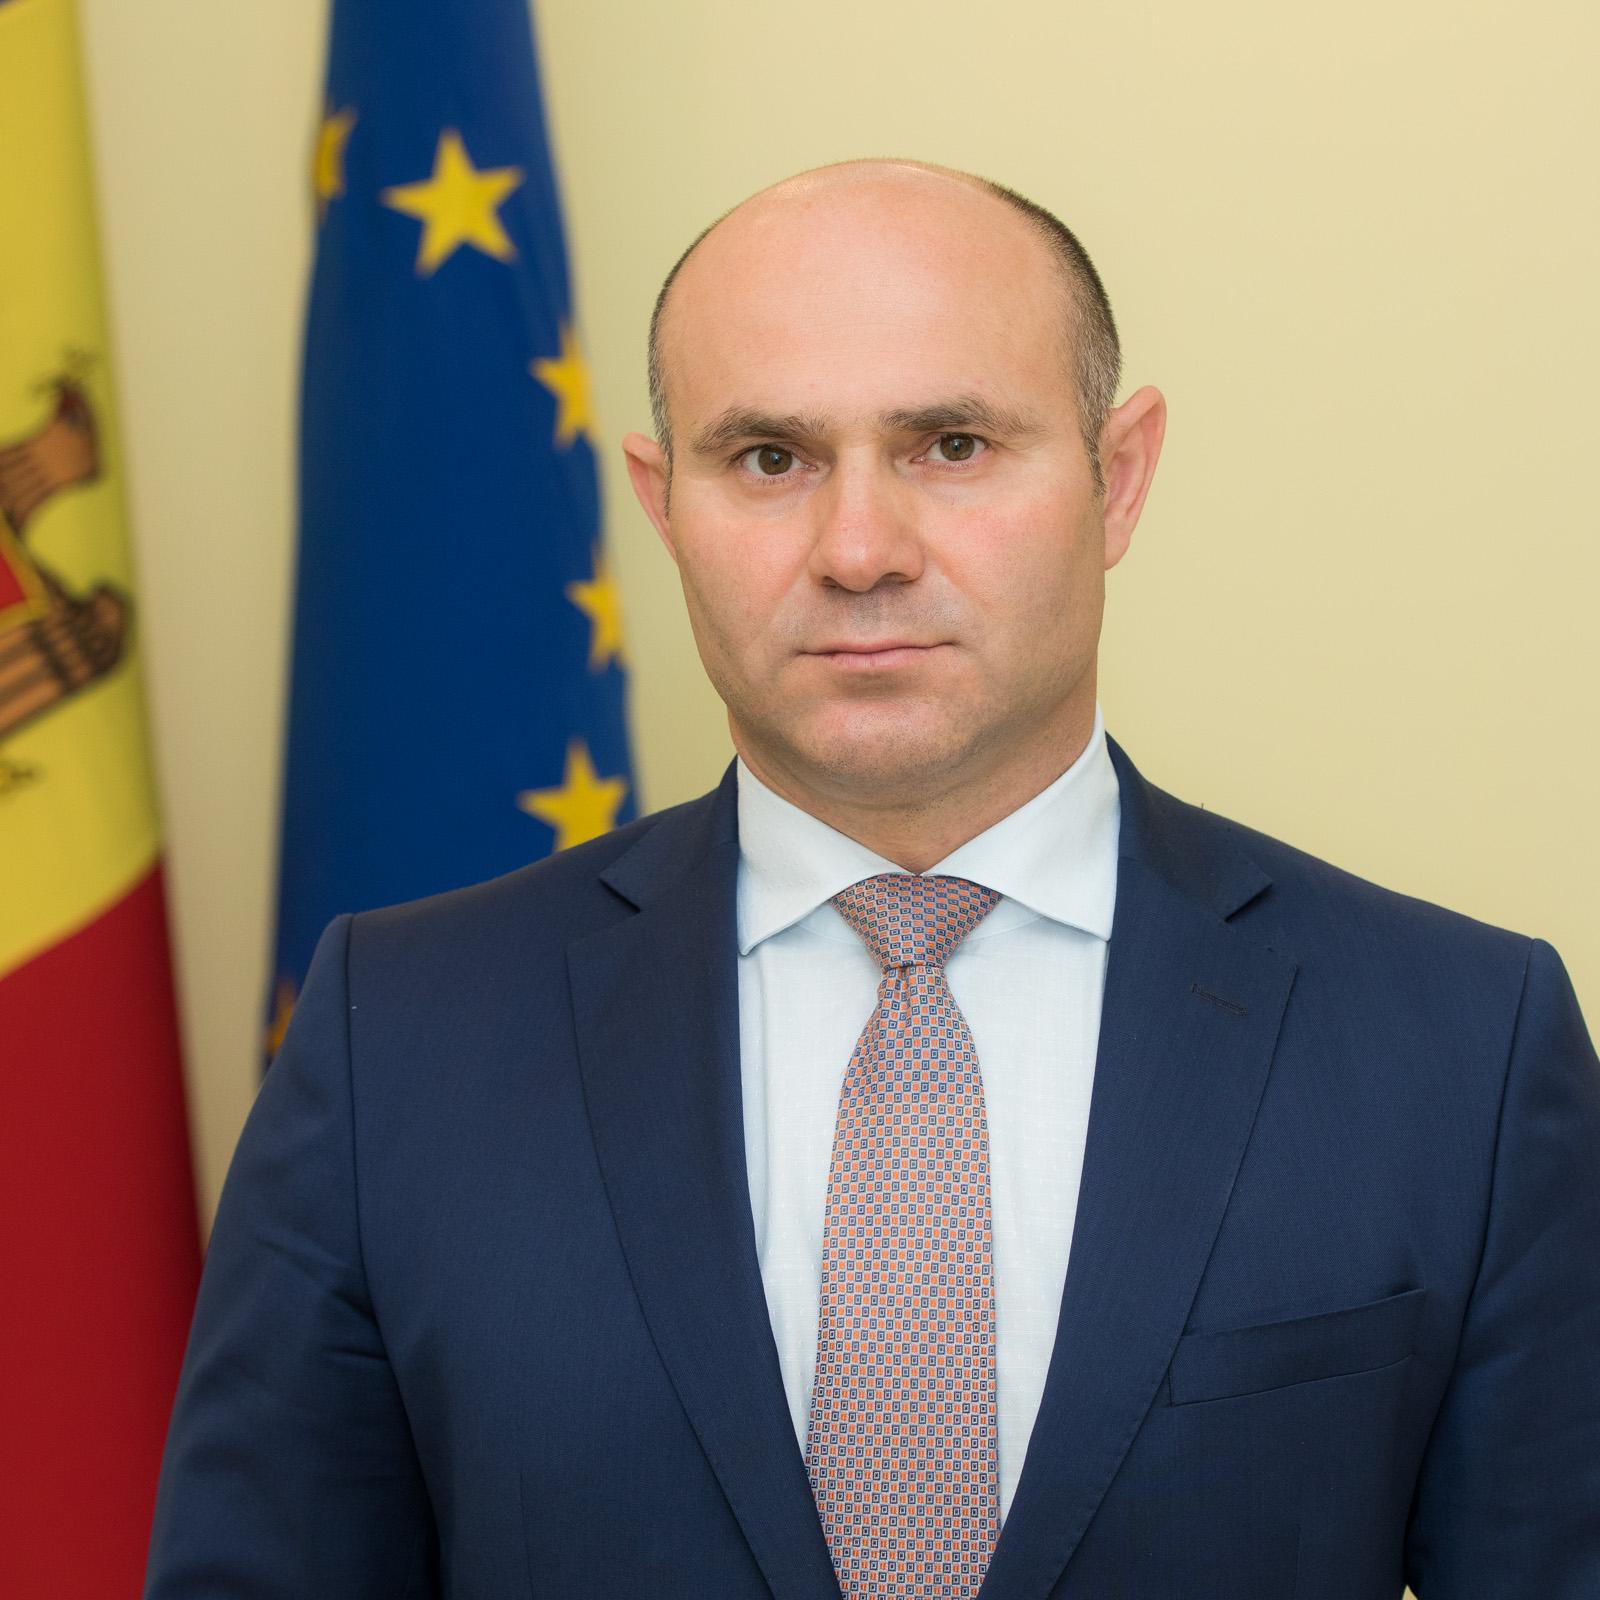 Pavel Voicu